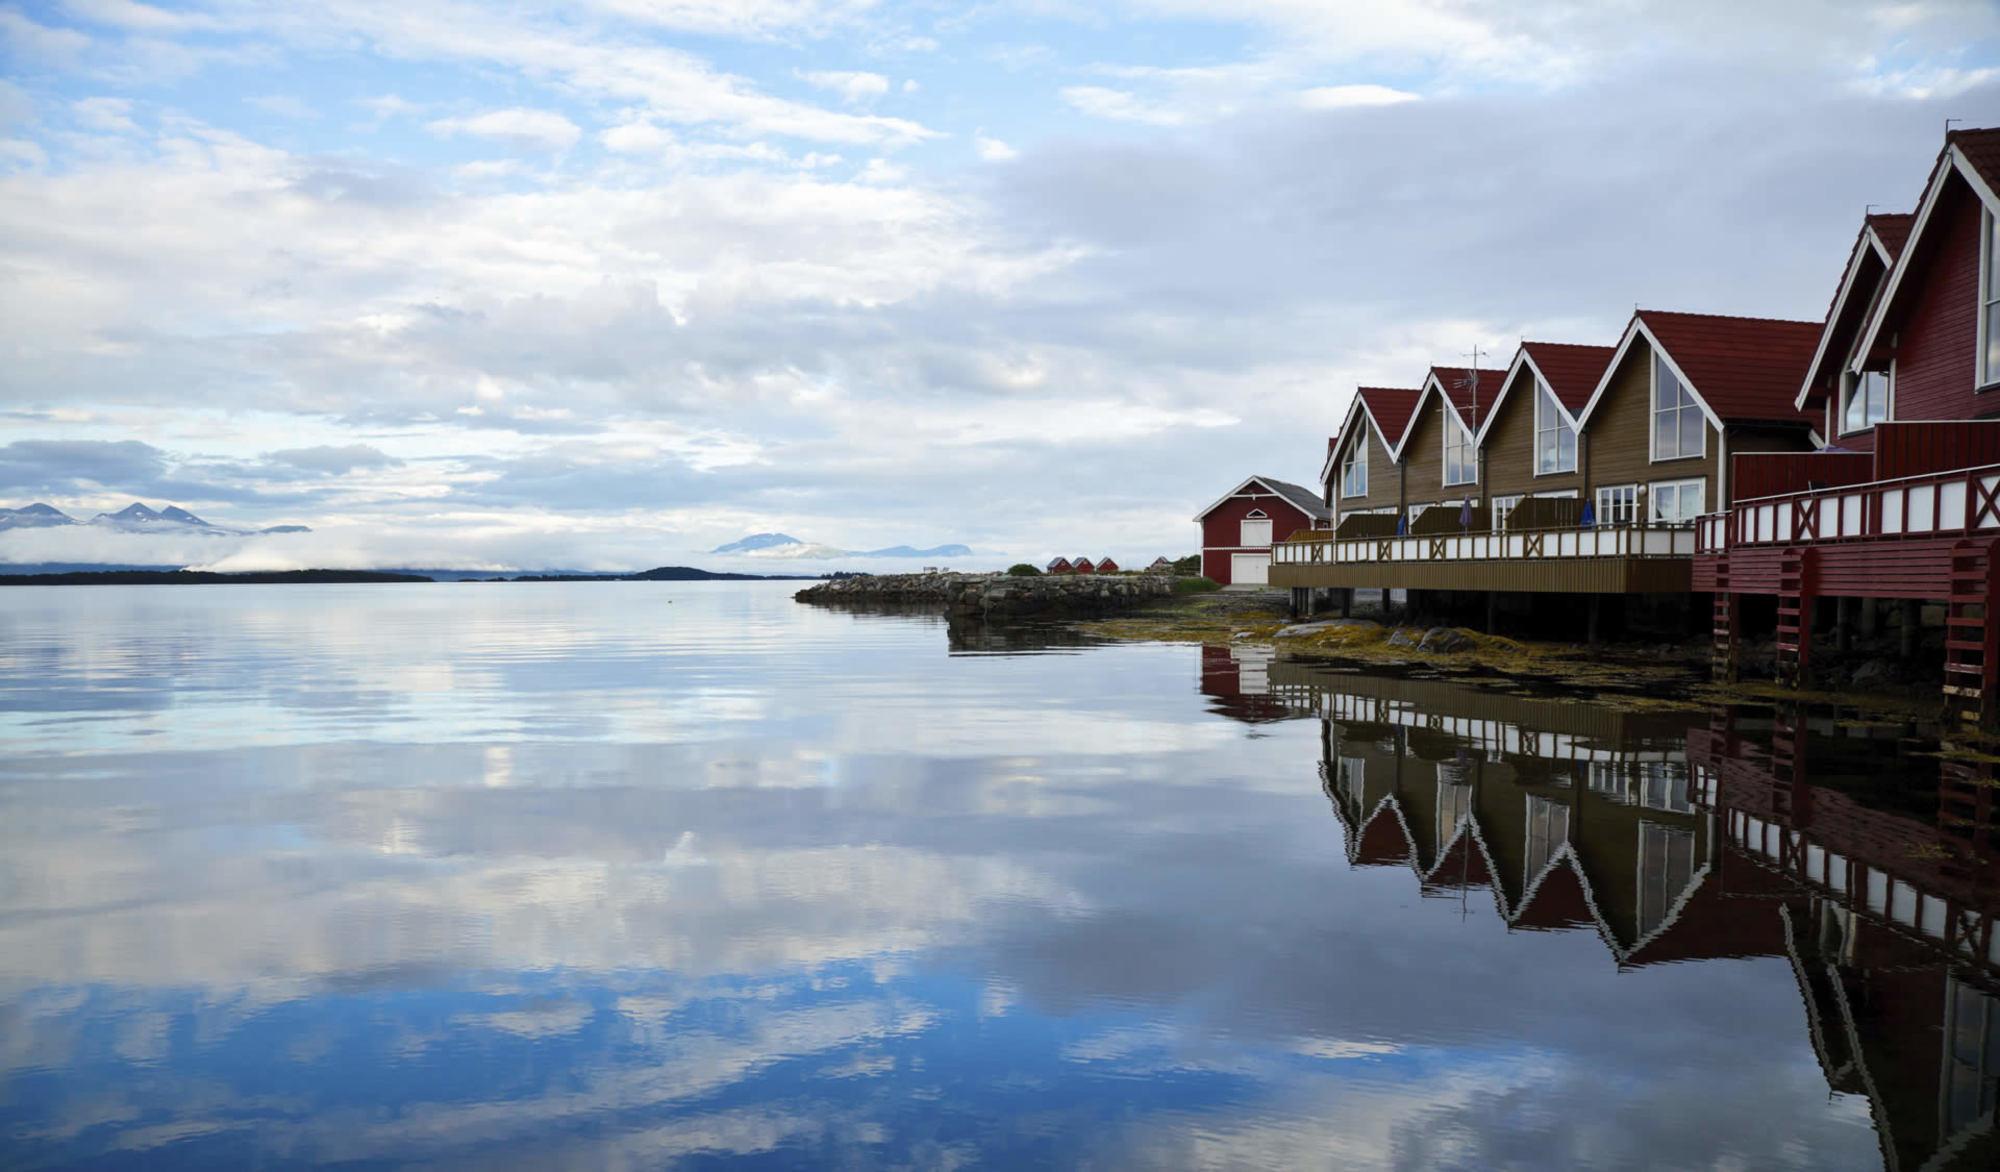 Bestill time hos en anbefalt frisør i Molde på Fixit.no. Sjekk priser og les kundeomtaler før du bestemmer deg. Rask og enkel timebestilling!